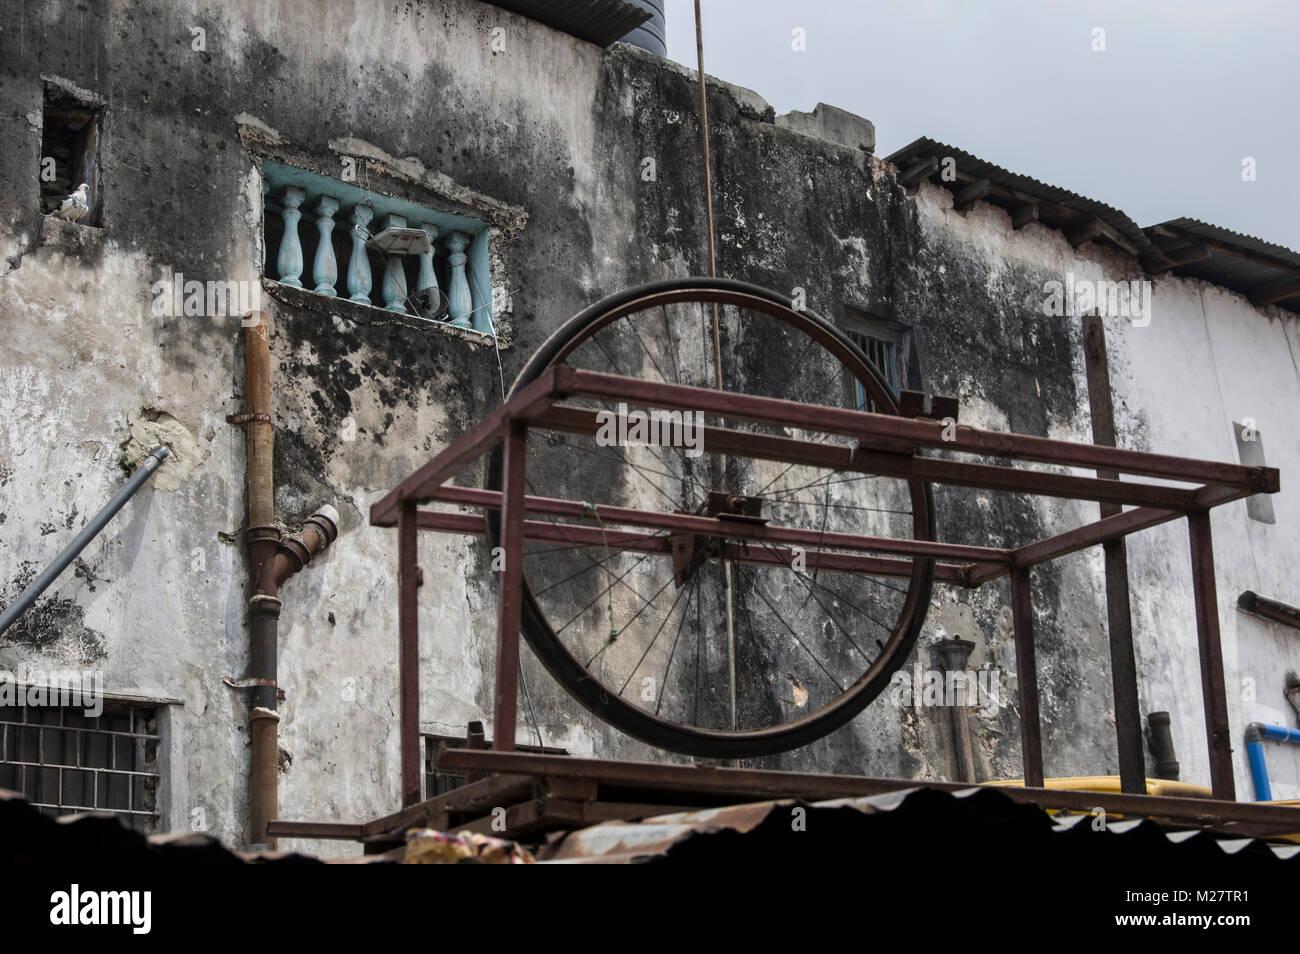 Rueda de bicicleta vieja montado sobre una estructura de acero ...